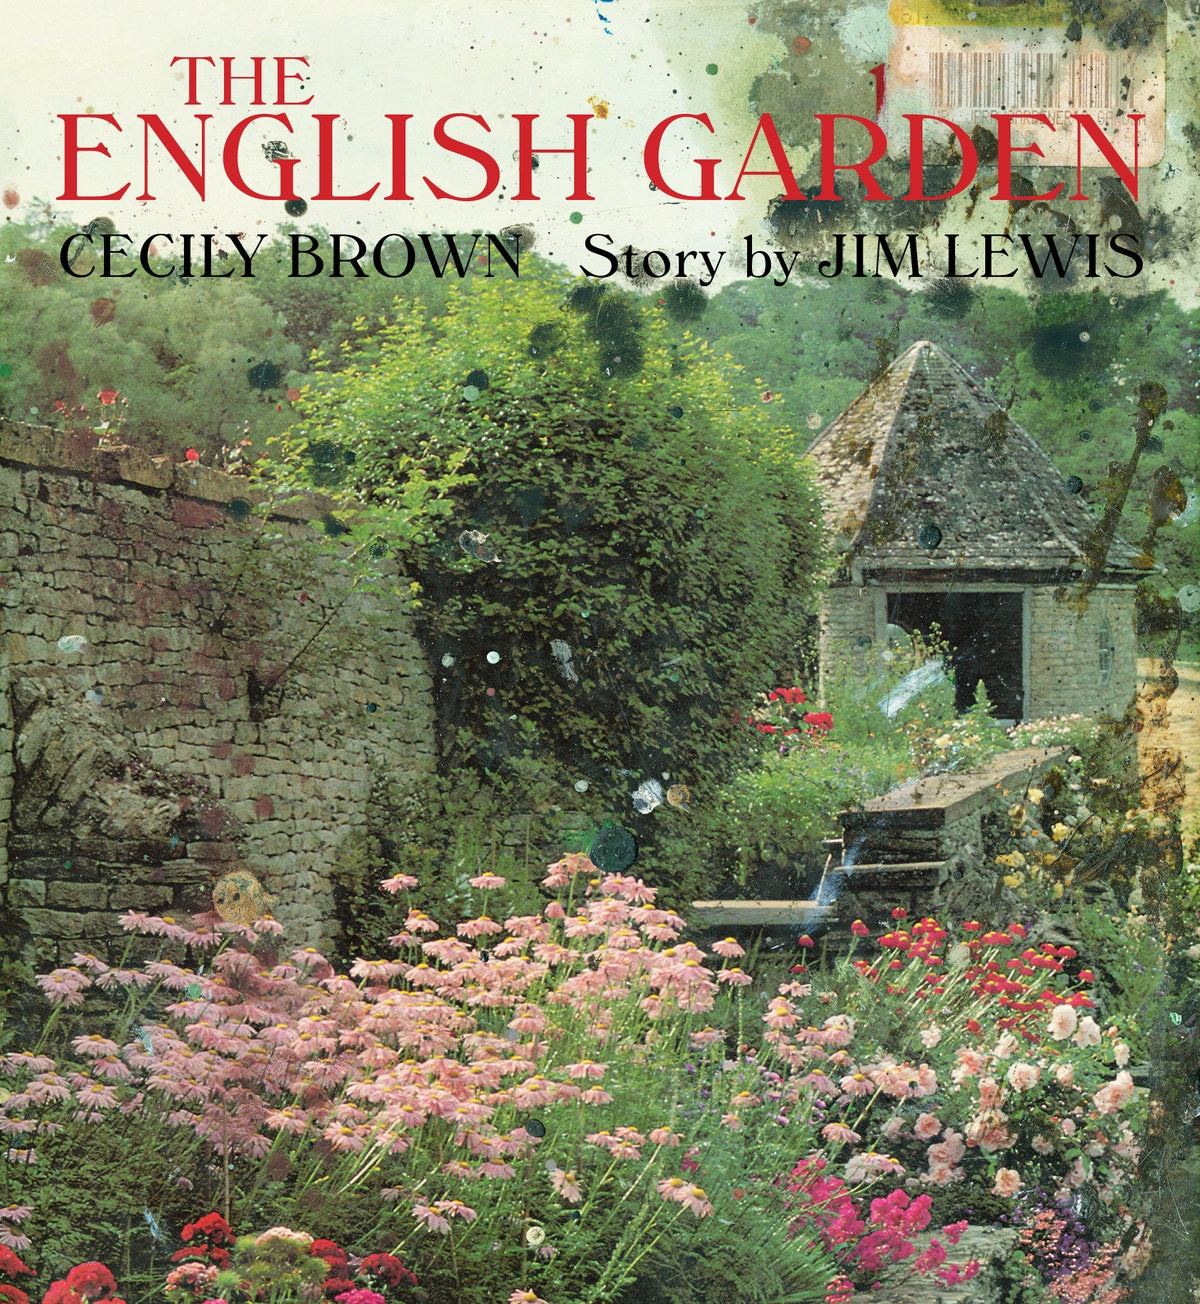 CecilyBrown_Garden_Book_Jacket